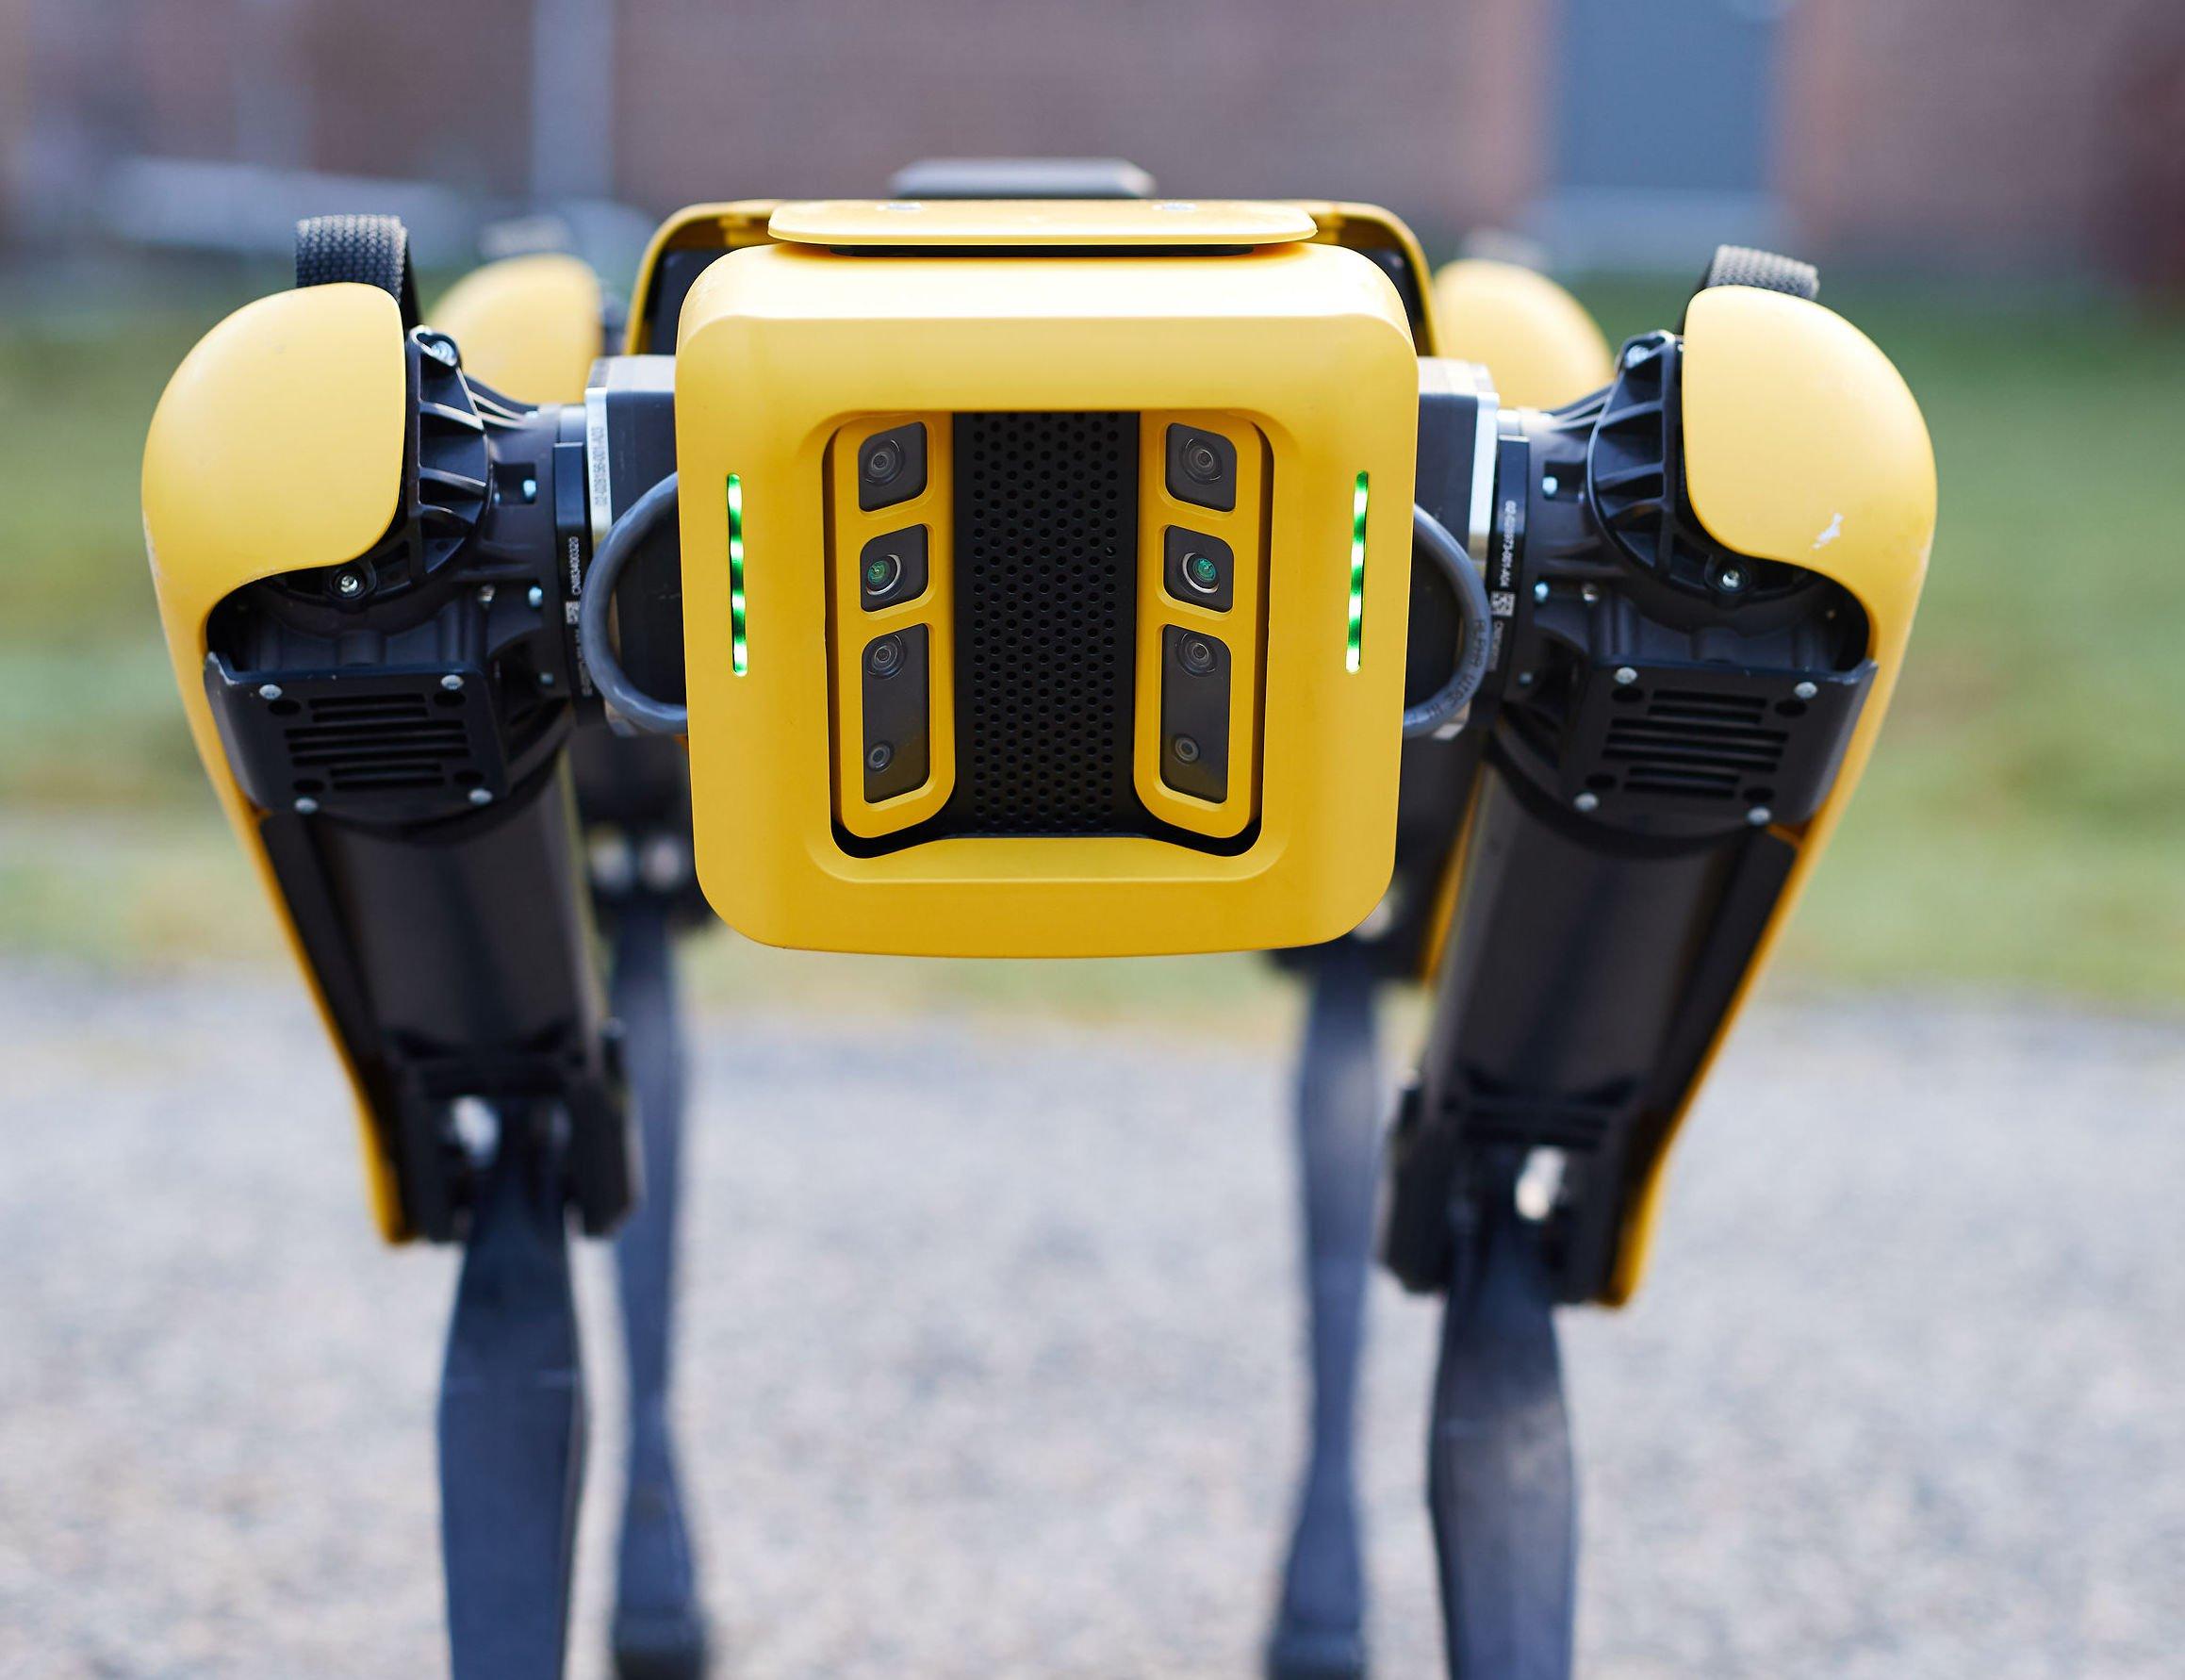 سگ رباتیک اسپات ساخت بوستون داینامیکس به شکل محدود عرضه شد